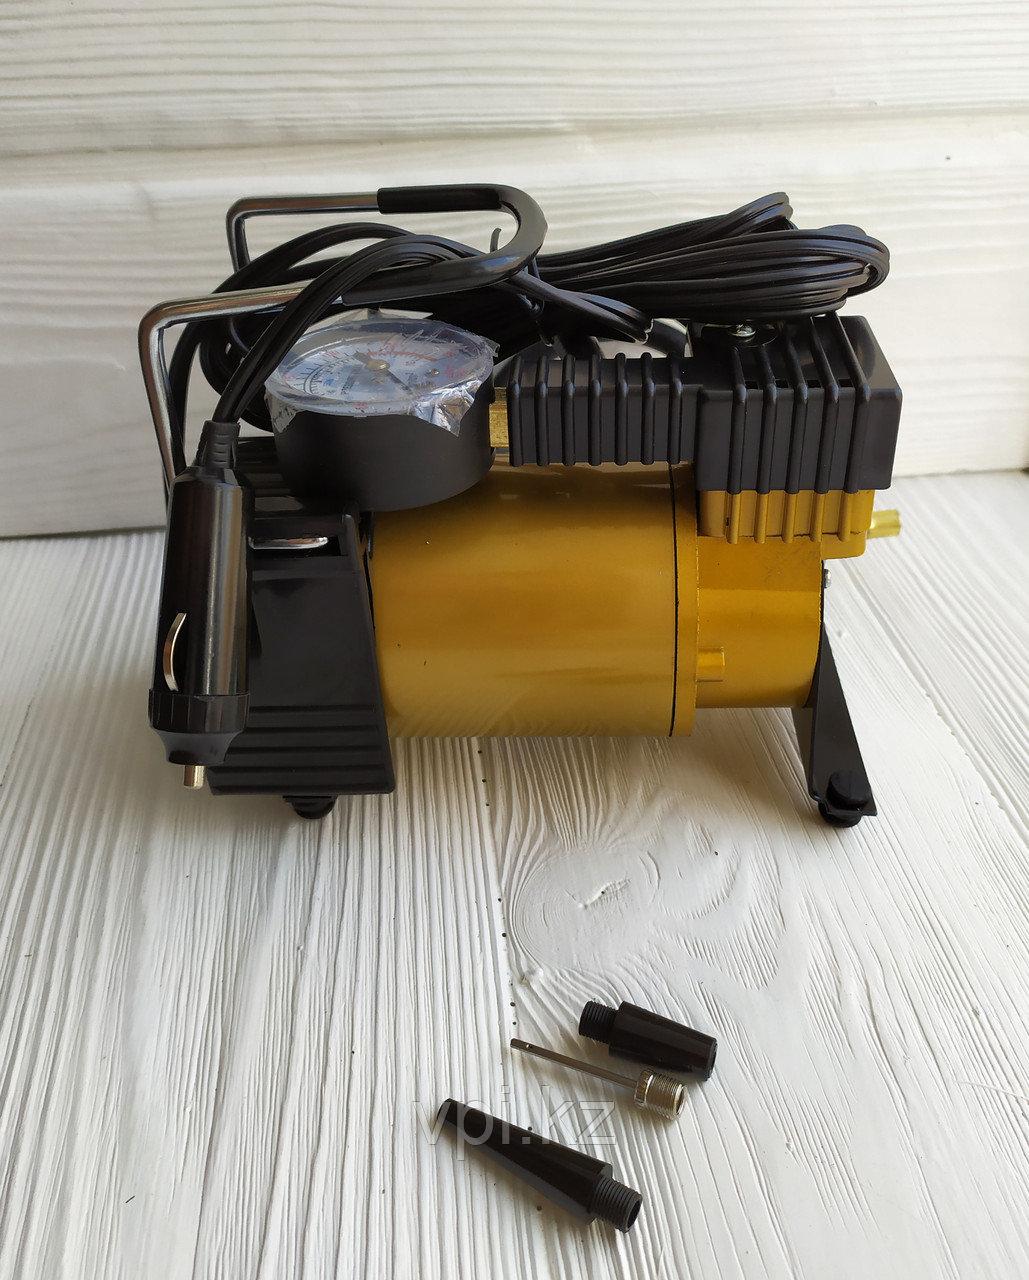 Компрессор автомобильный 1-цилиндровый в сумке, 12В, 10АТМ, AC580, TORNADO